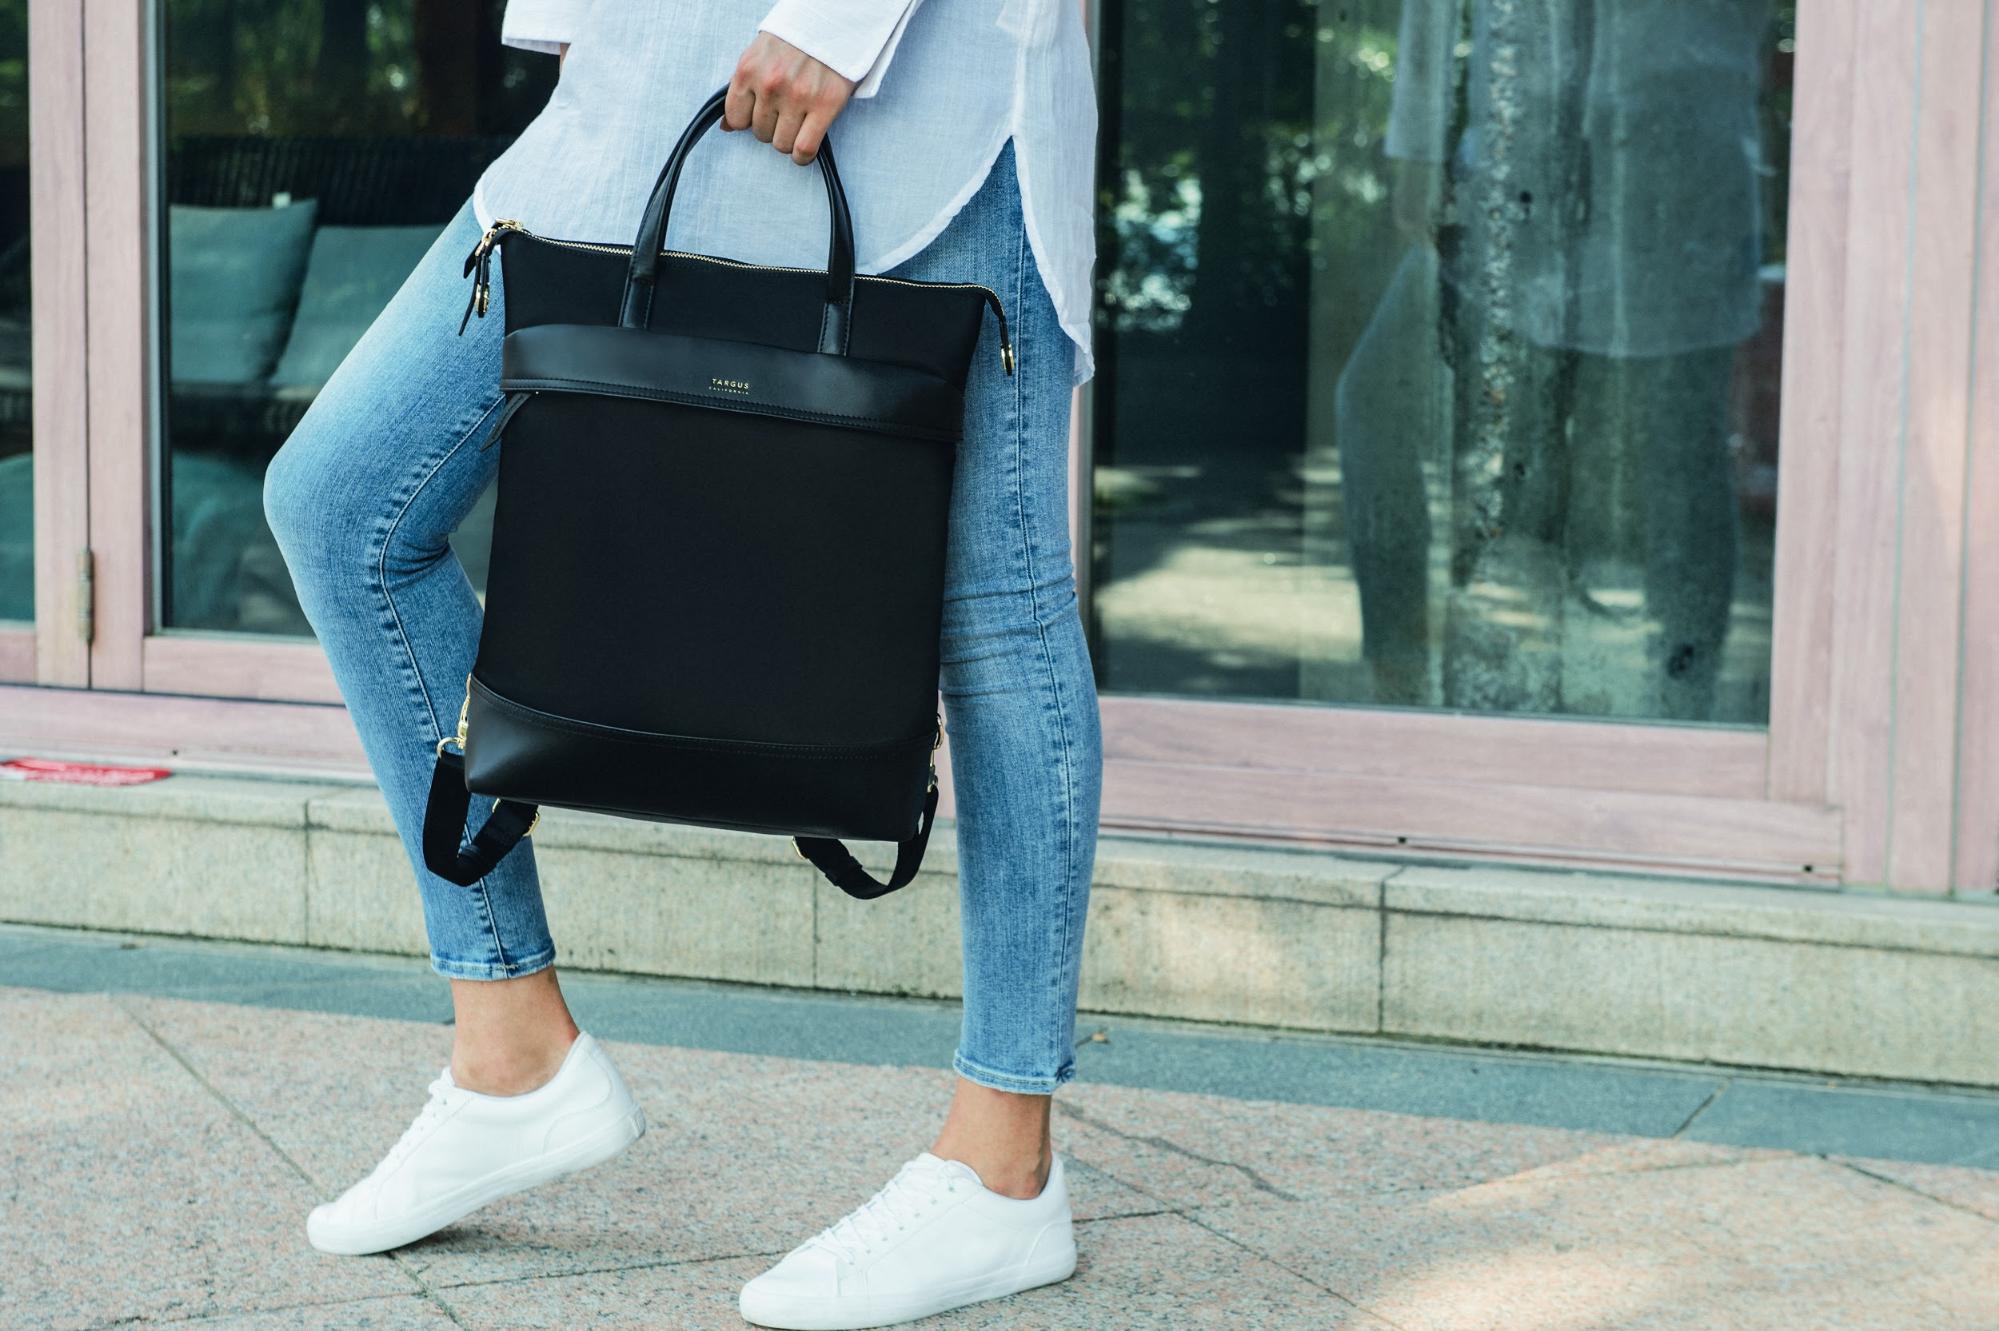 電腦後背包推薦 ptt網友喜愛的 Targus - Newport 雙用手提包